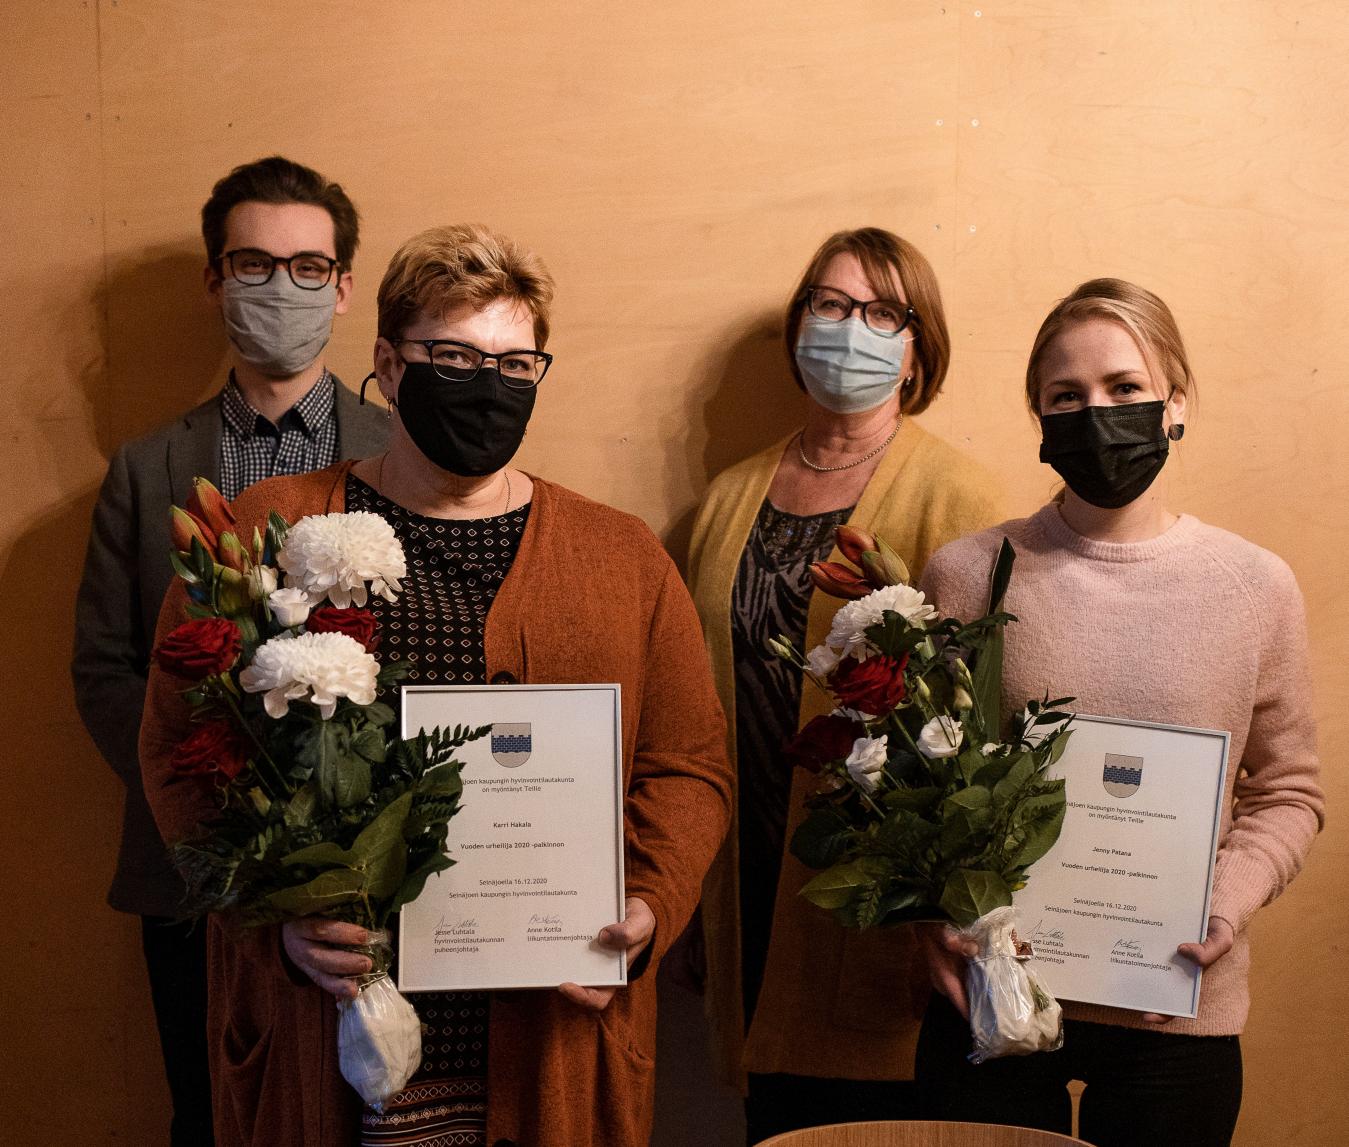 Seinäjoki palkitsi Vuoden 2020 Urheilijat